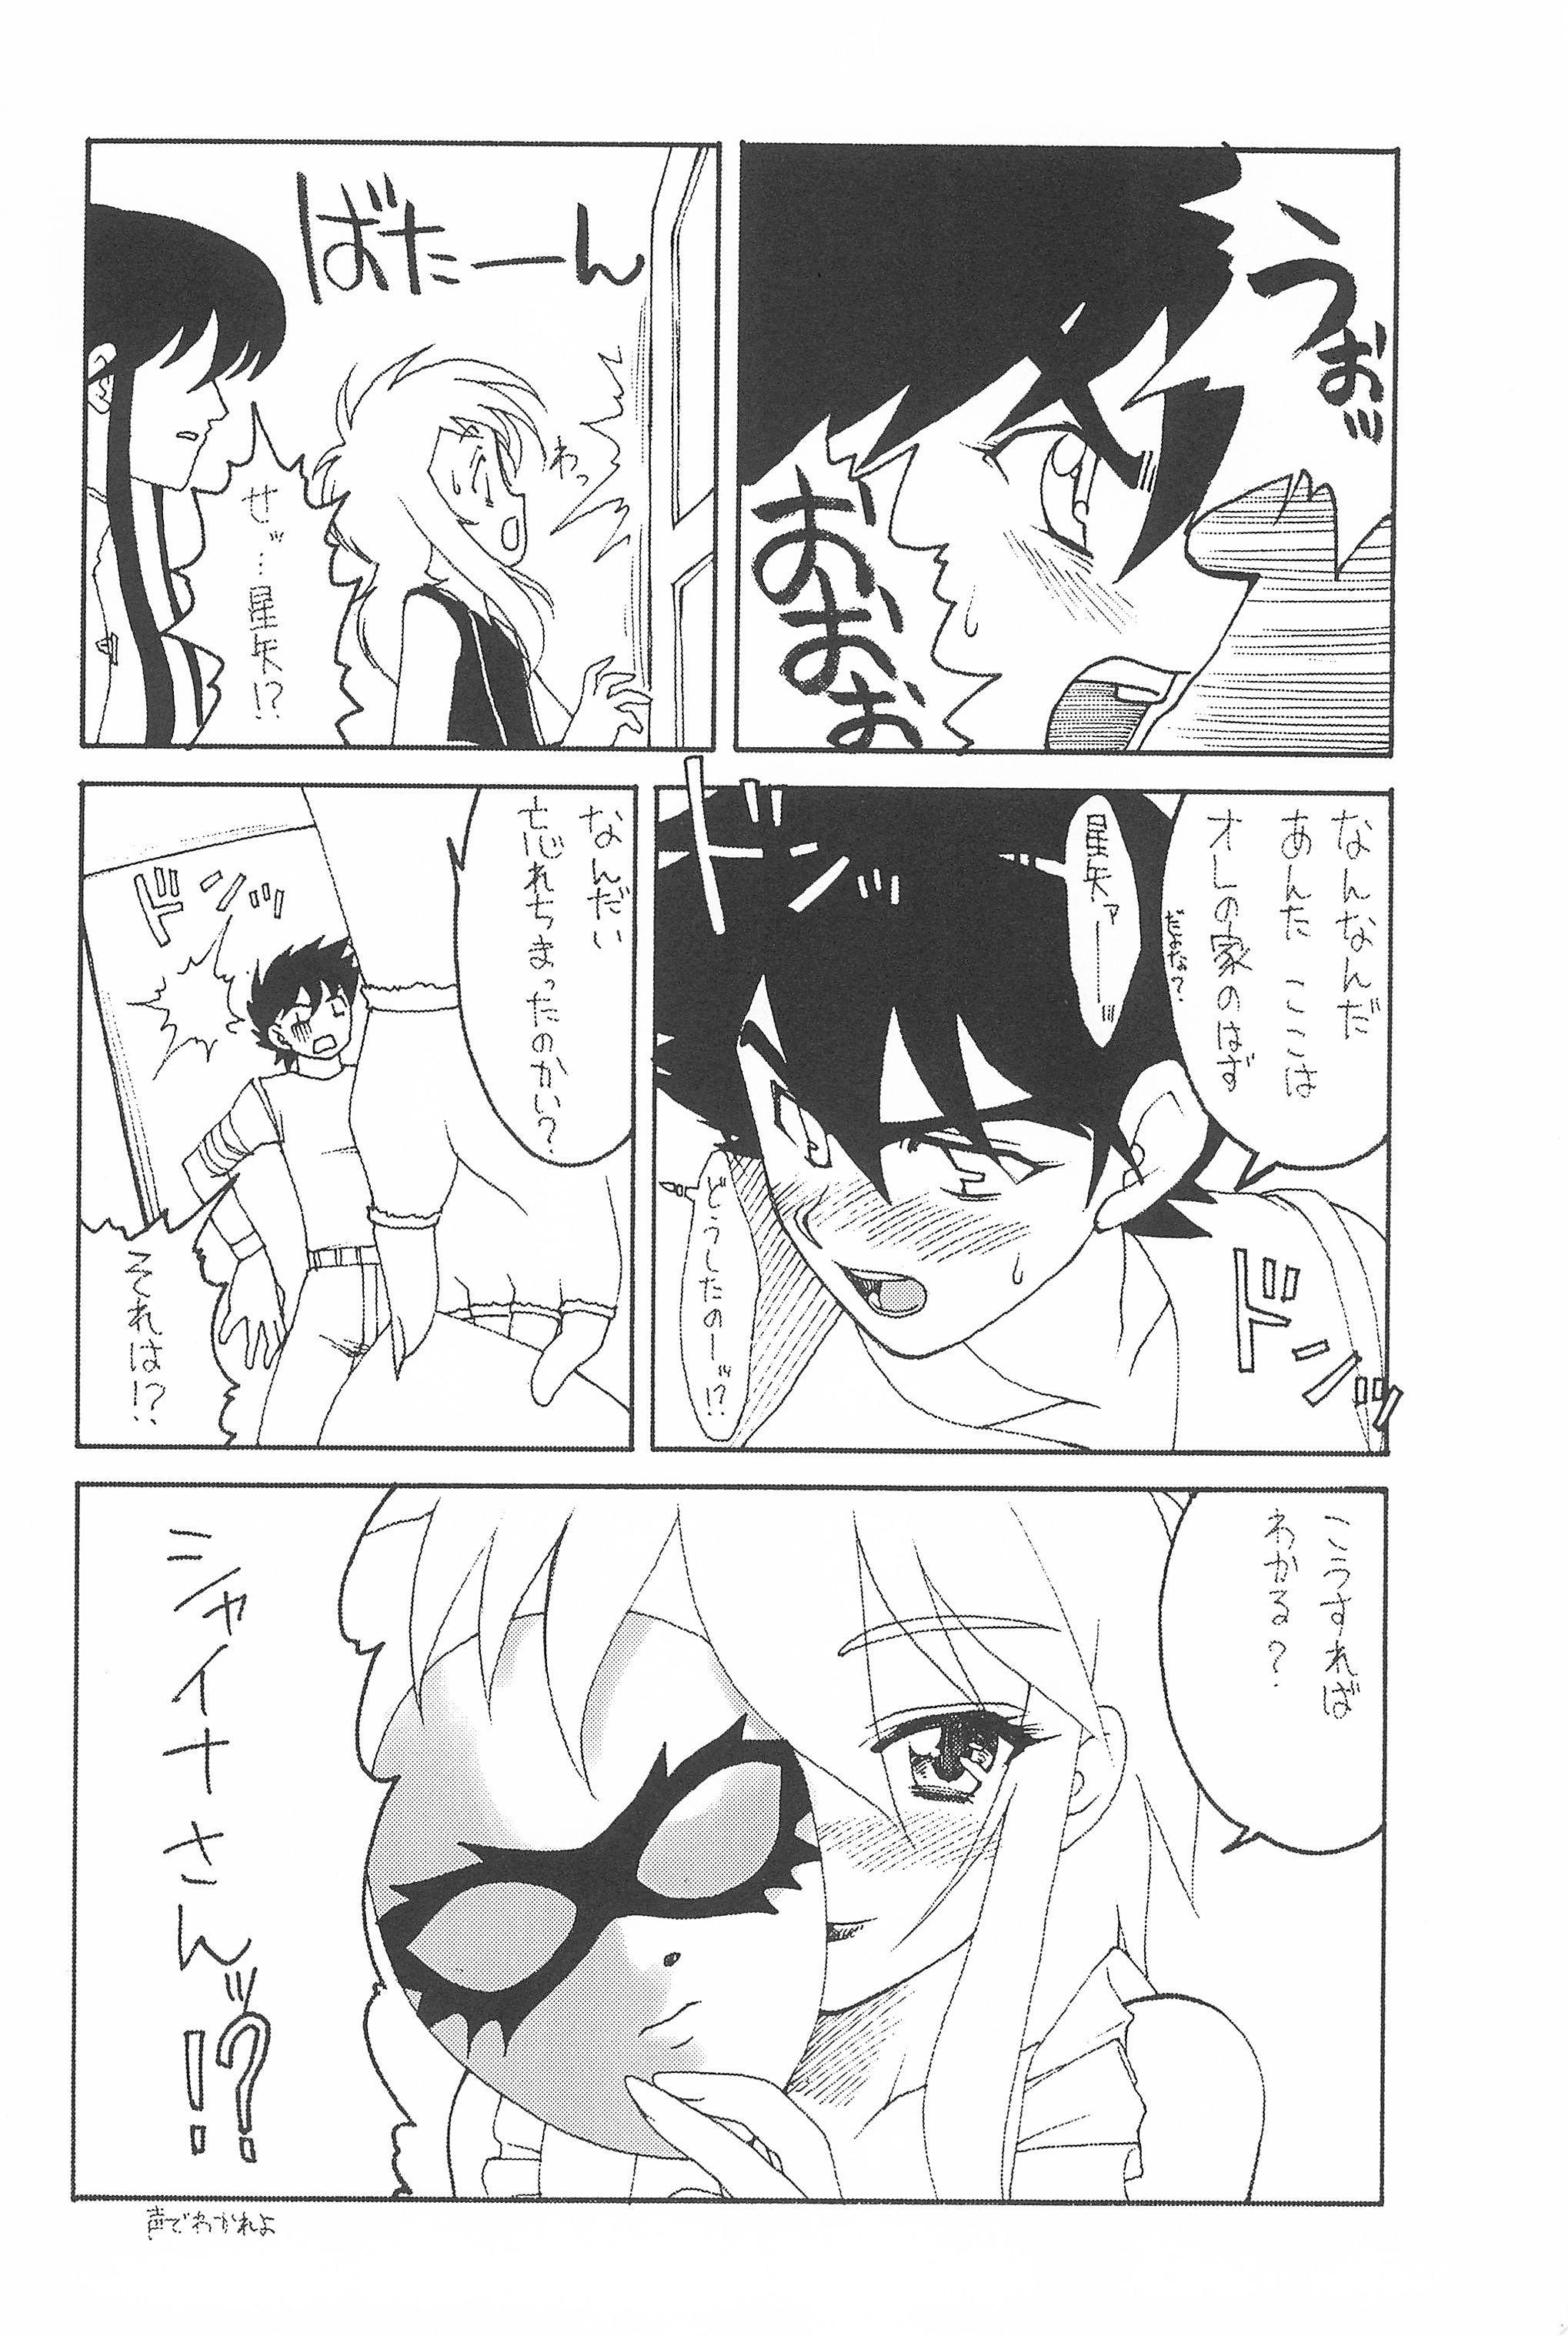 (SC22) [Shinobi no Yakata (Iwama Yoshiki) JEWEL-BOX 10 LOLITA-SARAD (Various) 45